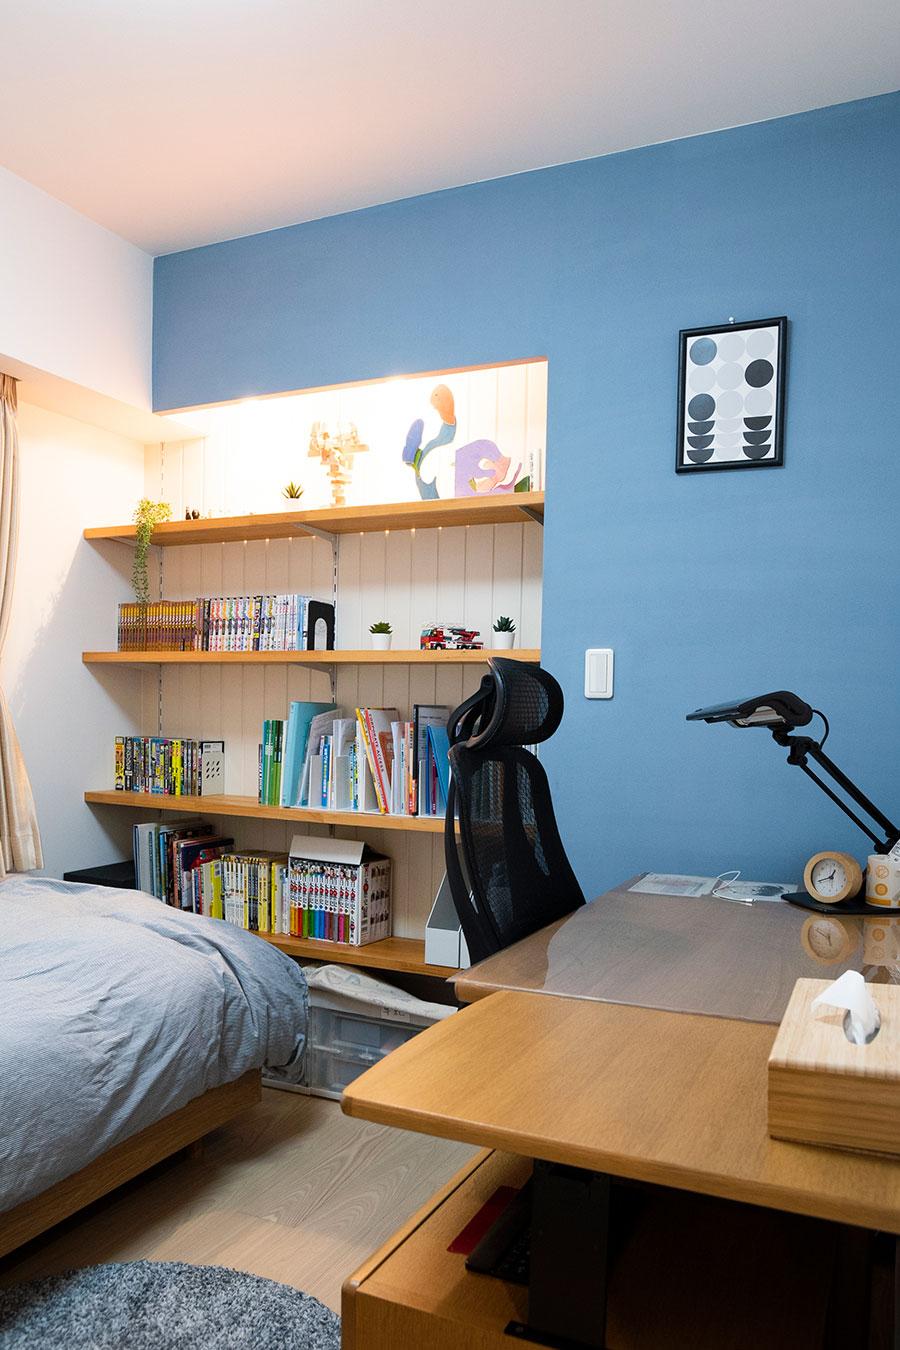 片づけを促すよう考えられた次男君の部屋。壁は珪藻土塗料のKペイントをDIYで塗ったそう。